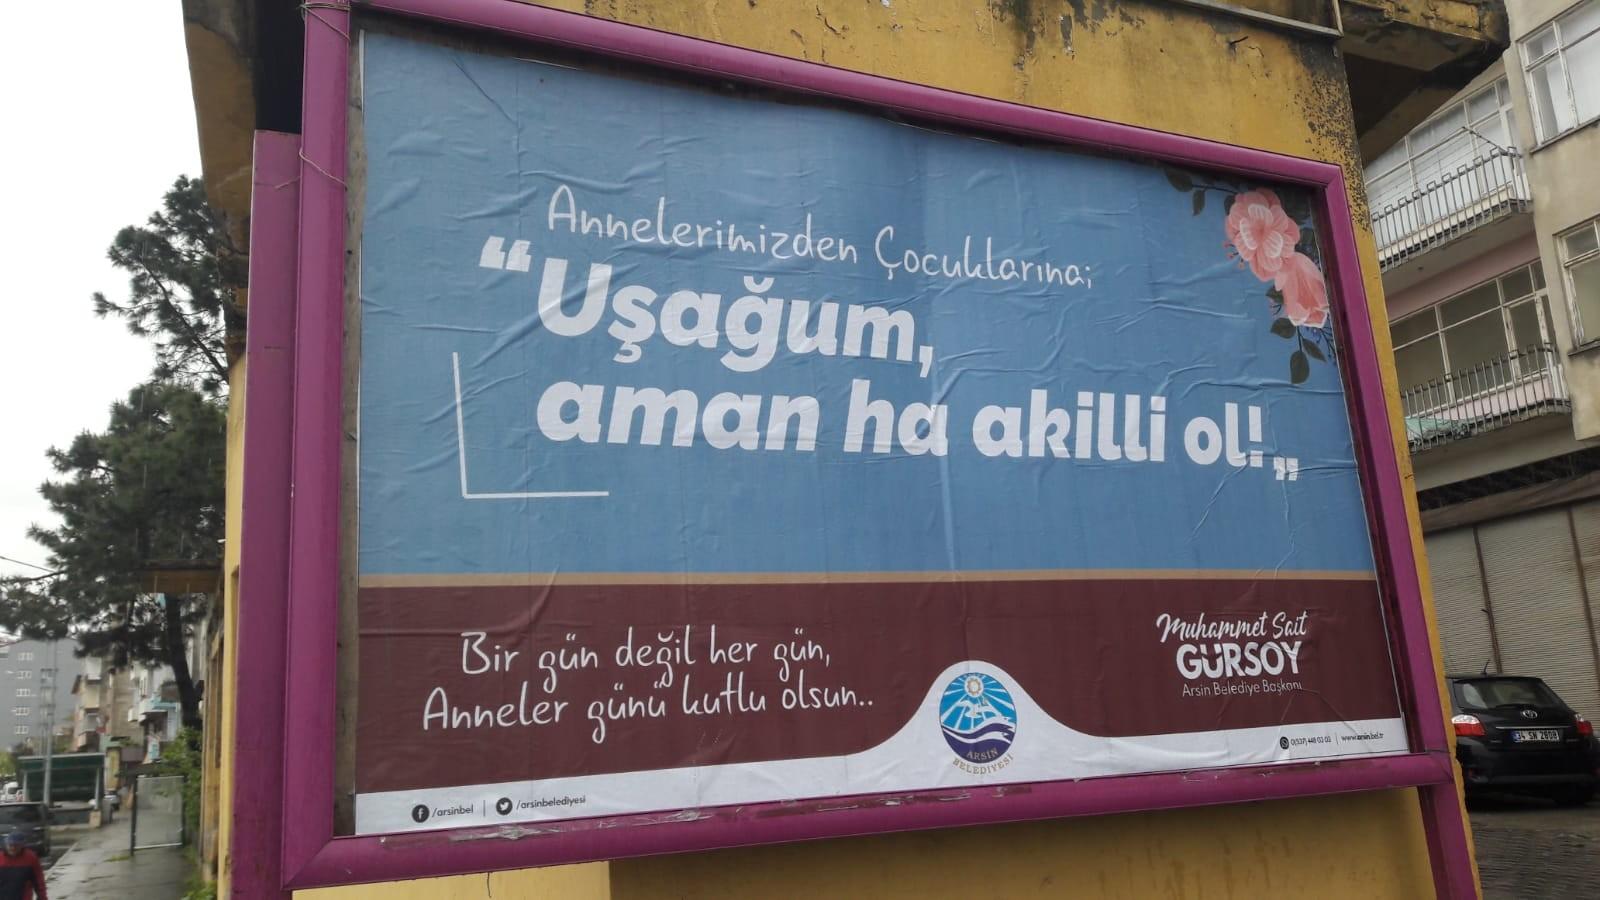 Trabzon'da bilboardlara dikkat çeken Anneler Günü mesajları